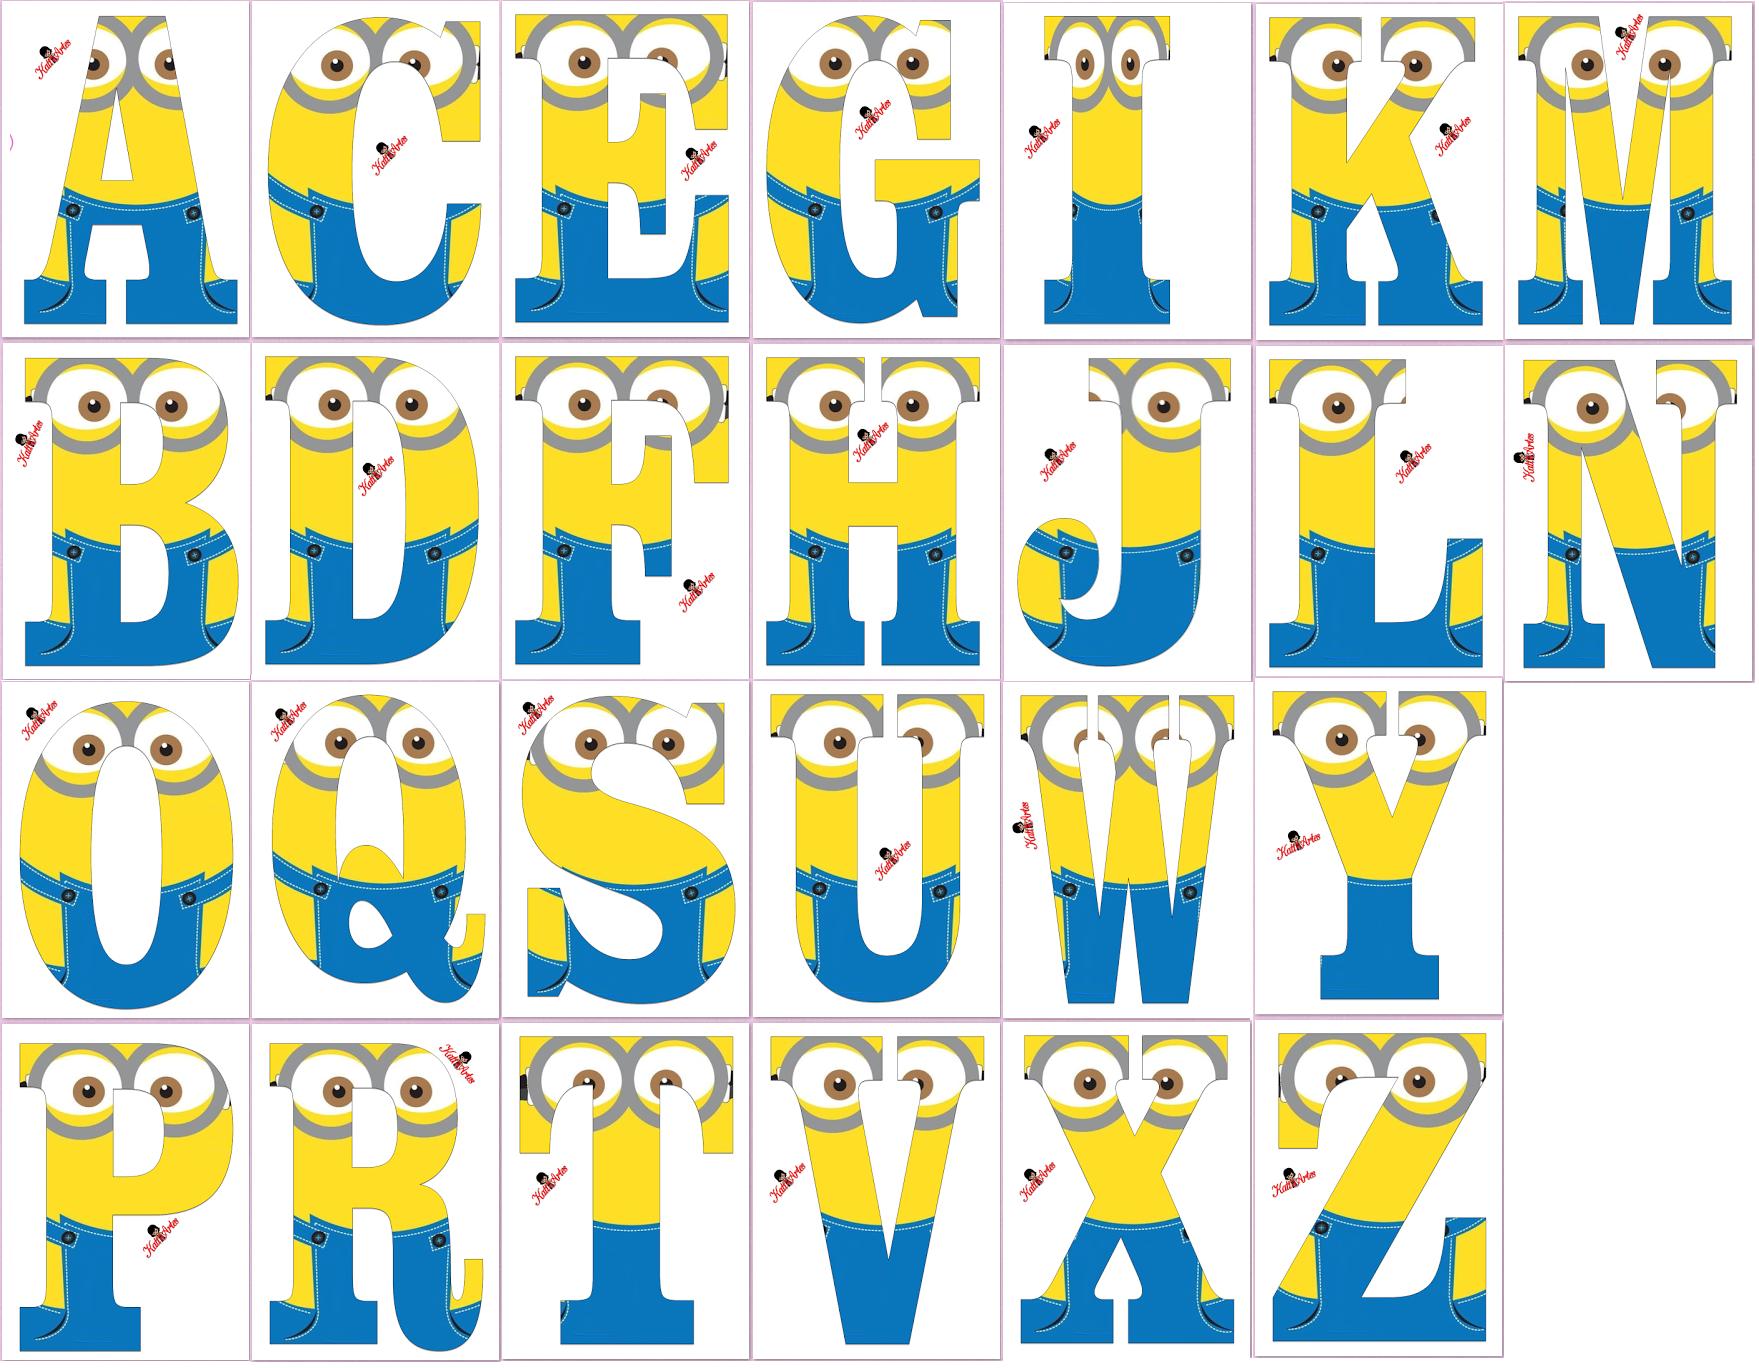 Muitas vezes http://eugeniakatia.blogspot.com/2015/06/alfabeto-minions.html  ZM47